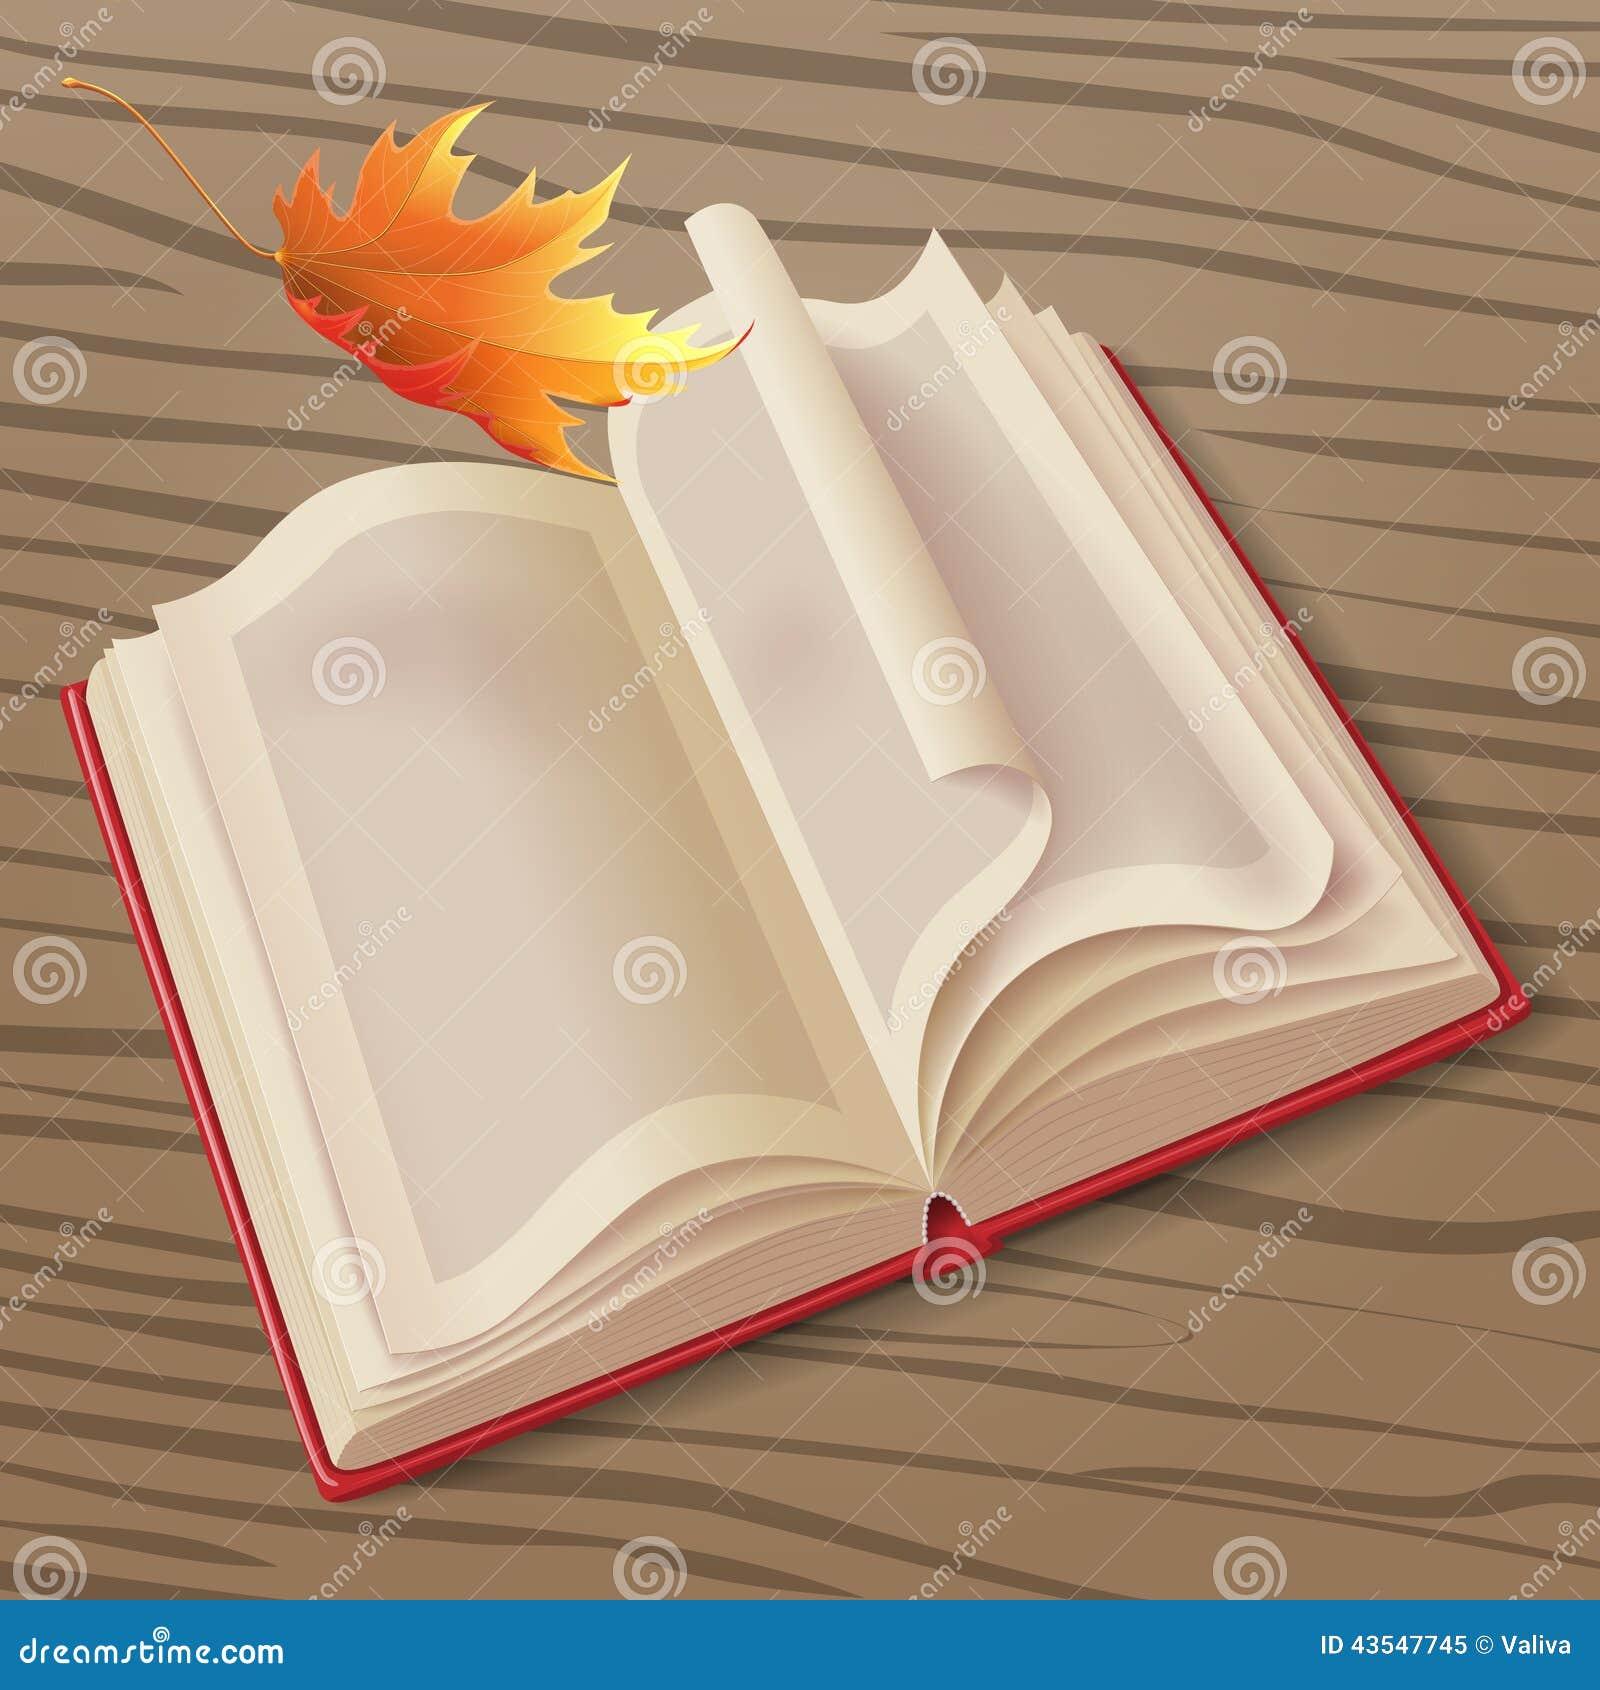 打开书和酱油味极鲜白叶子图片